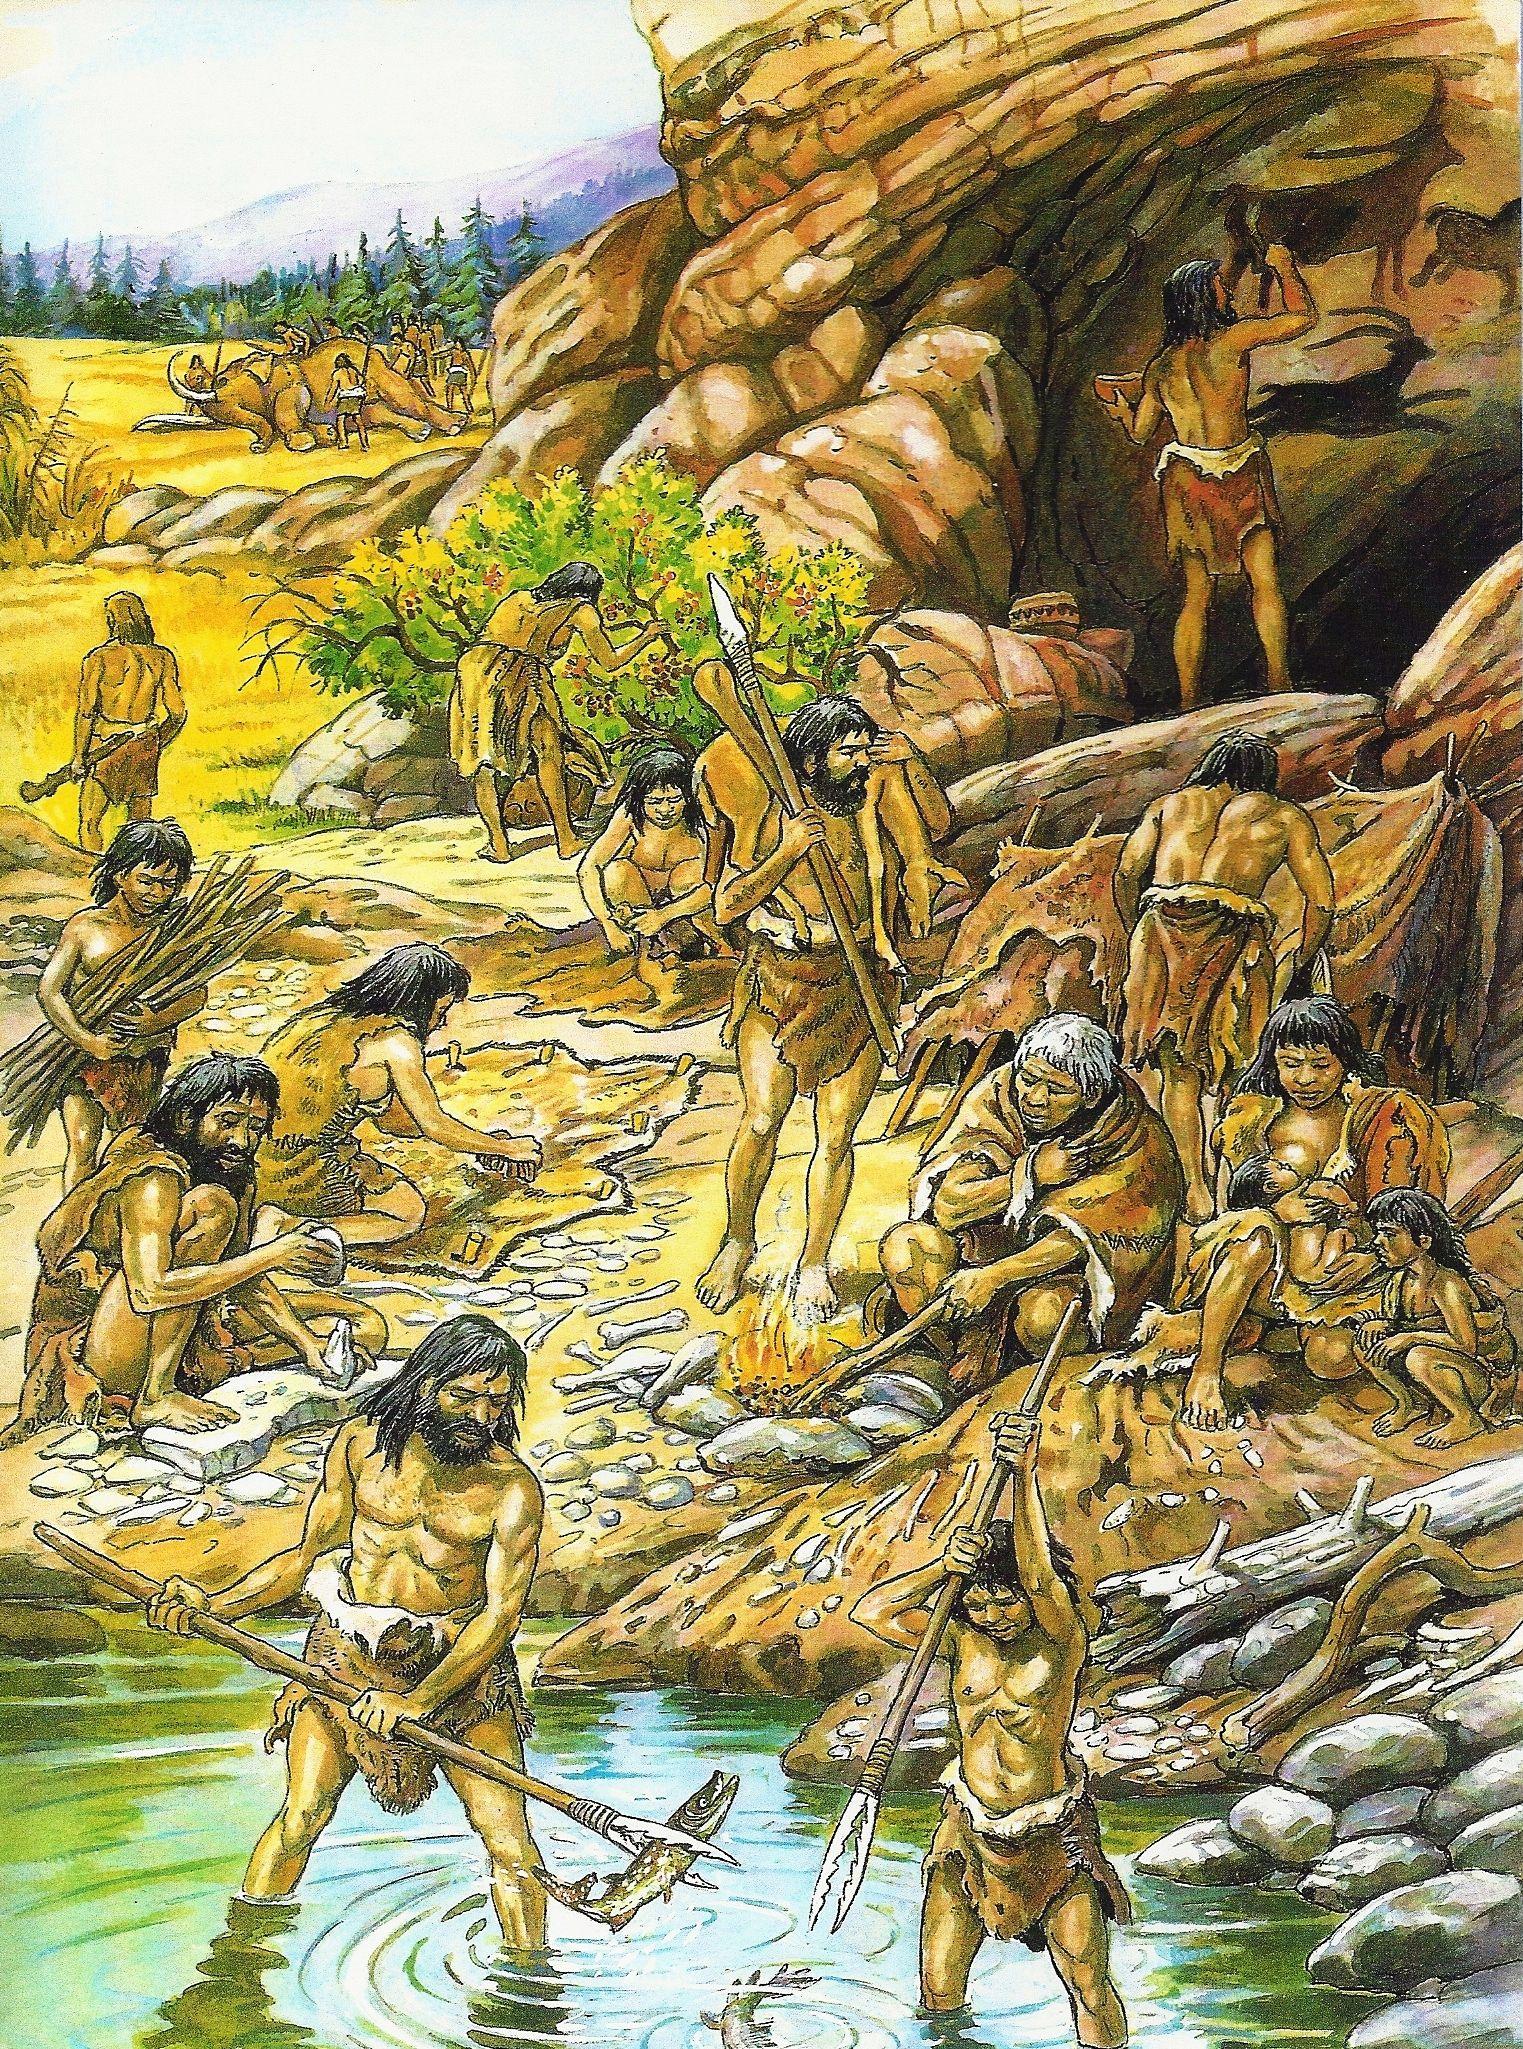 werkzaamheden in de oude steentijd (paleolithicum ...